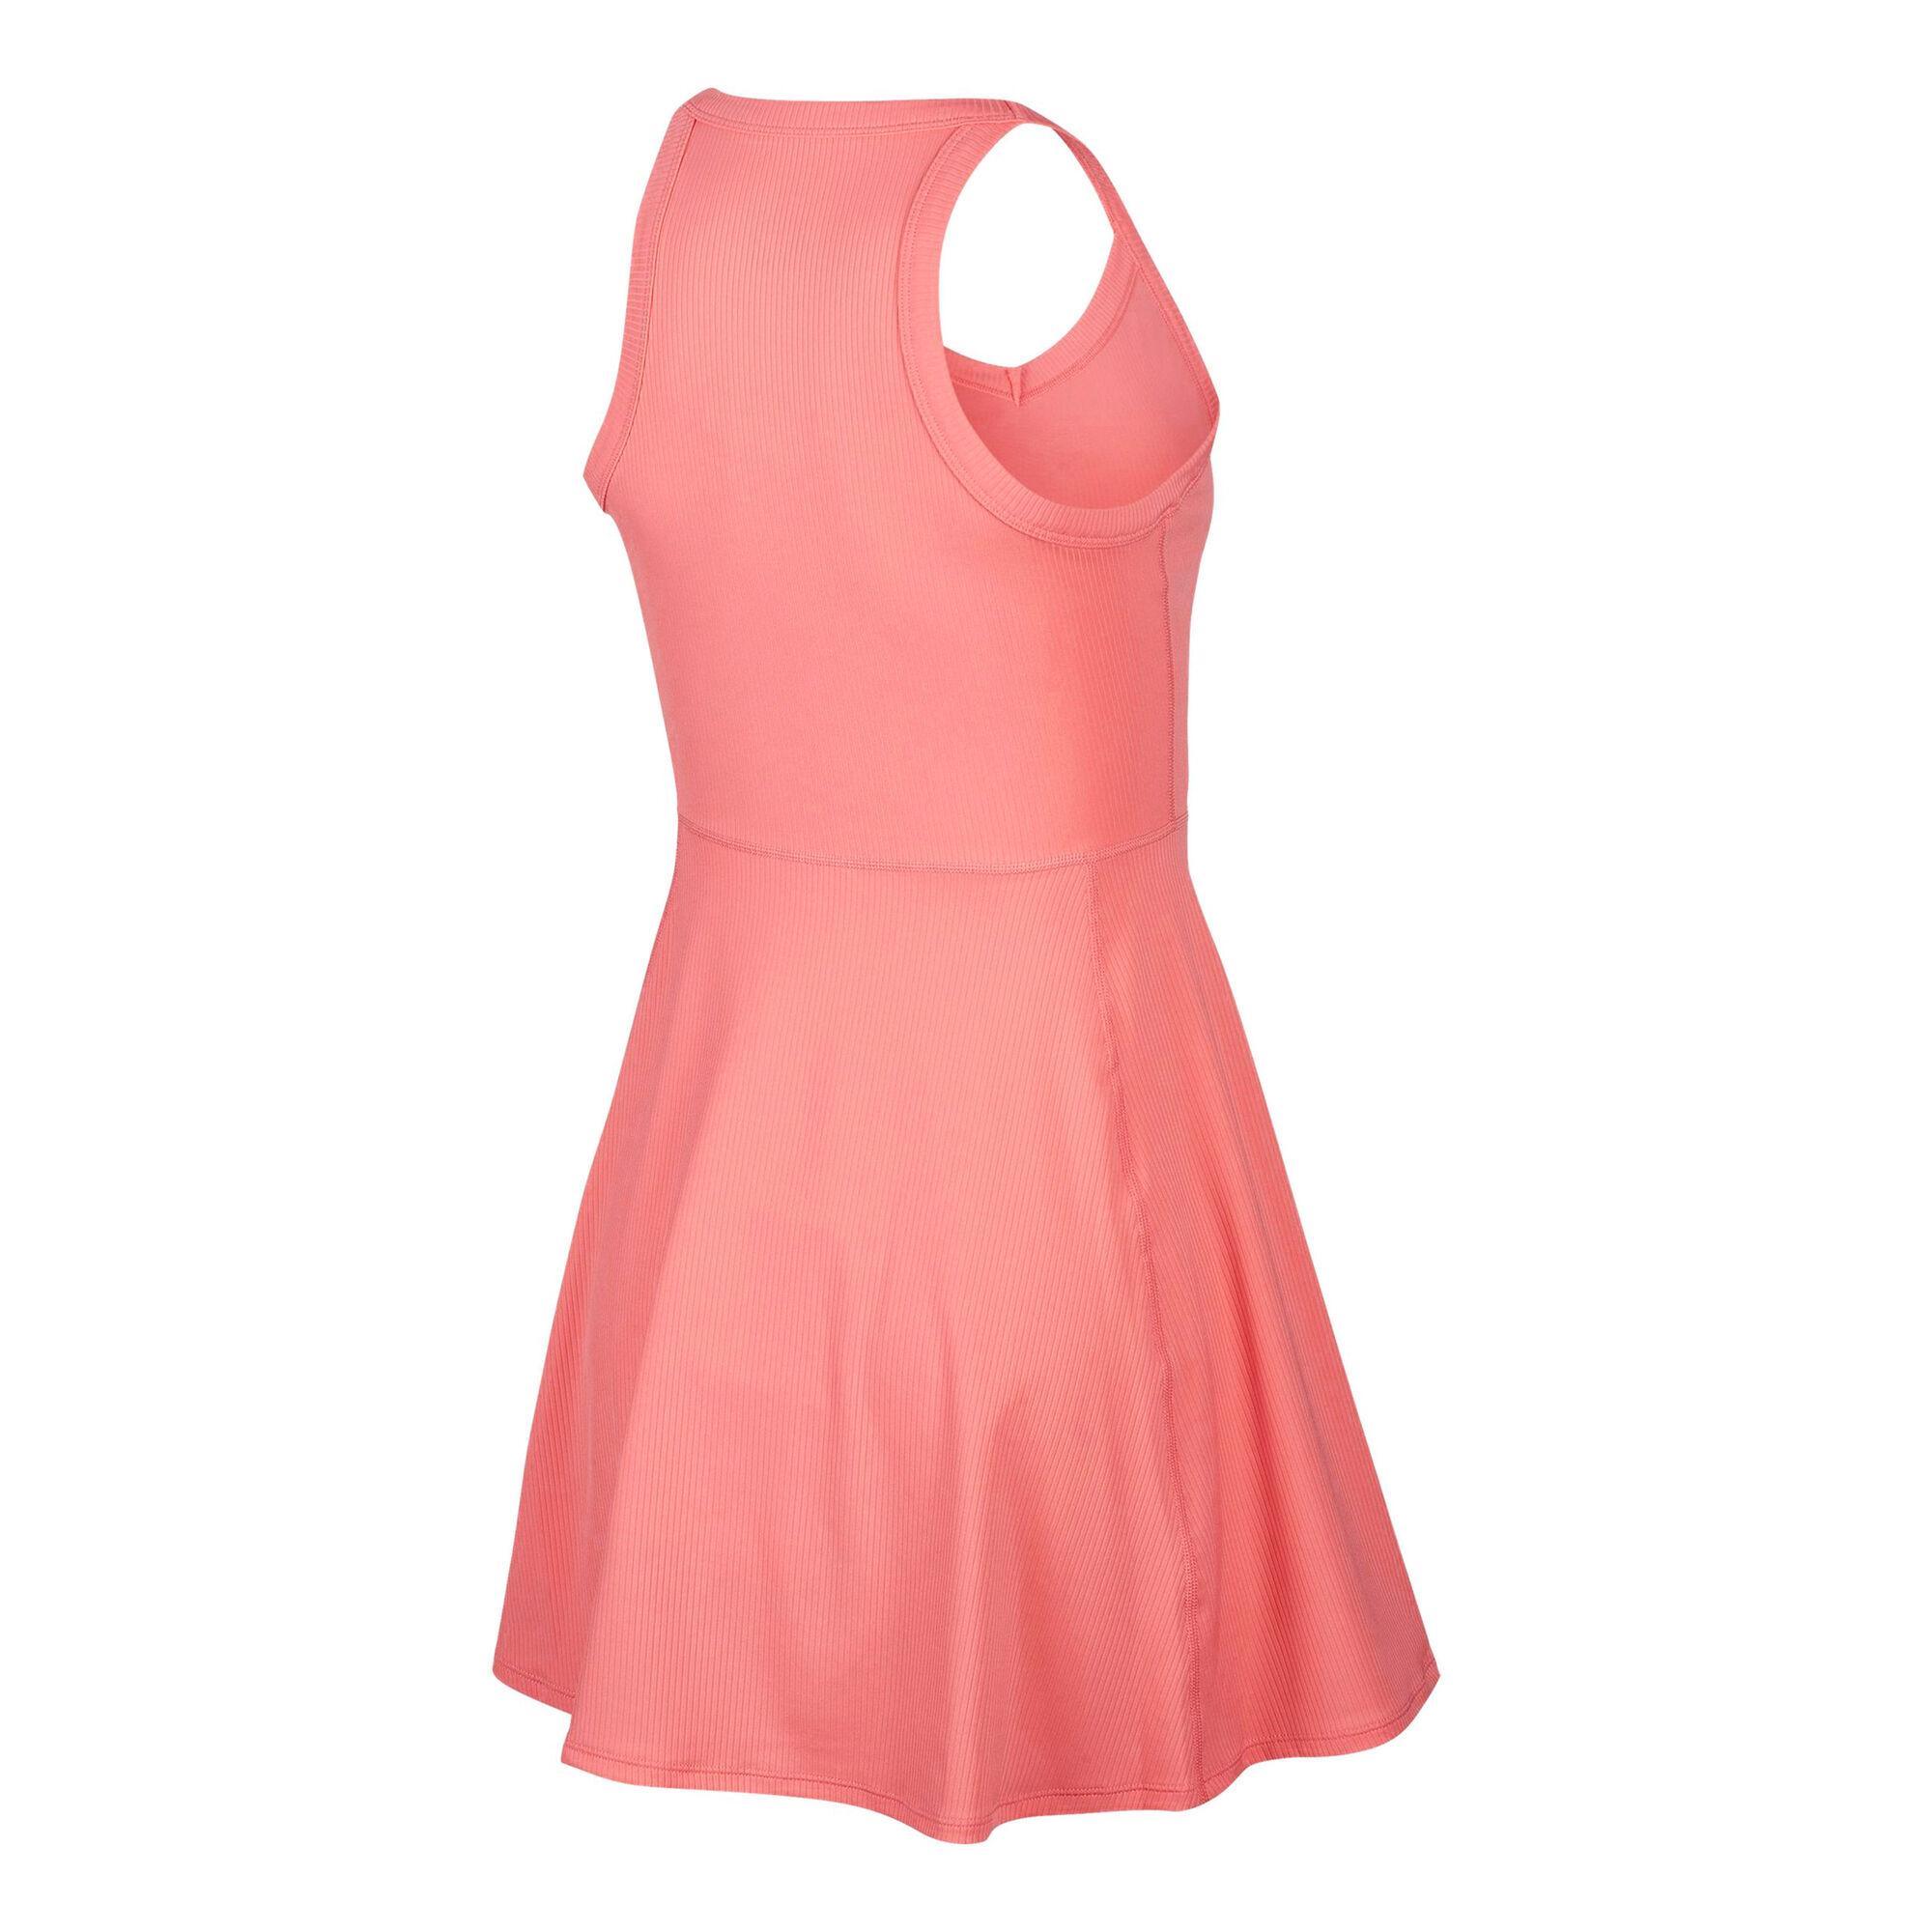 Nike Court Dry Kleid Damen - Koralle, Weiß online kaufen ...